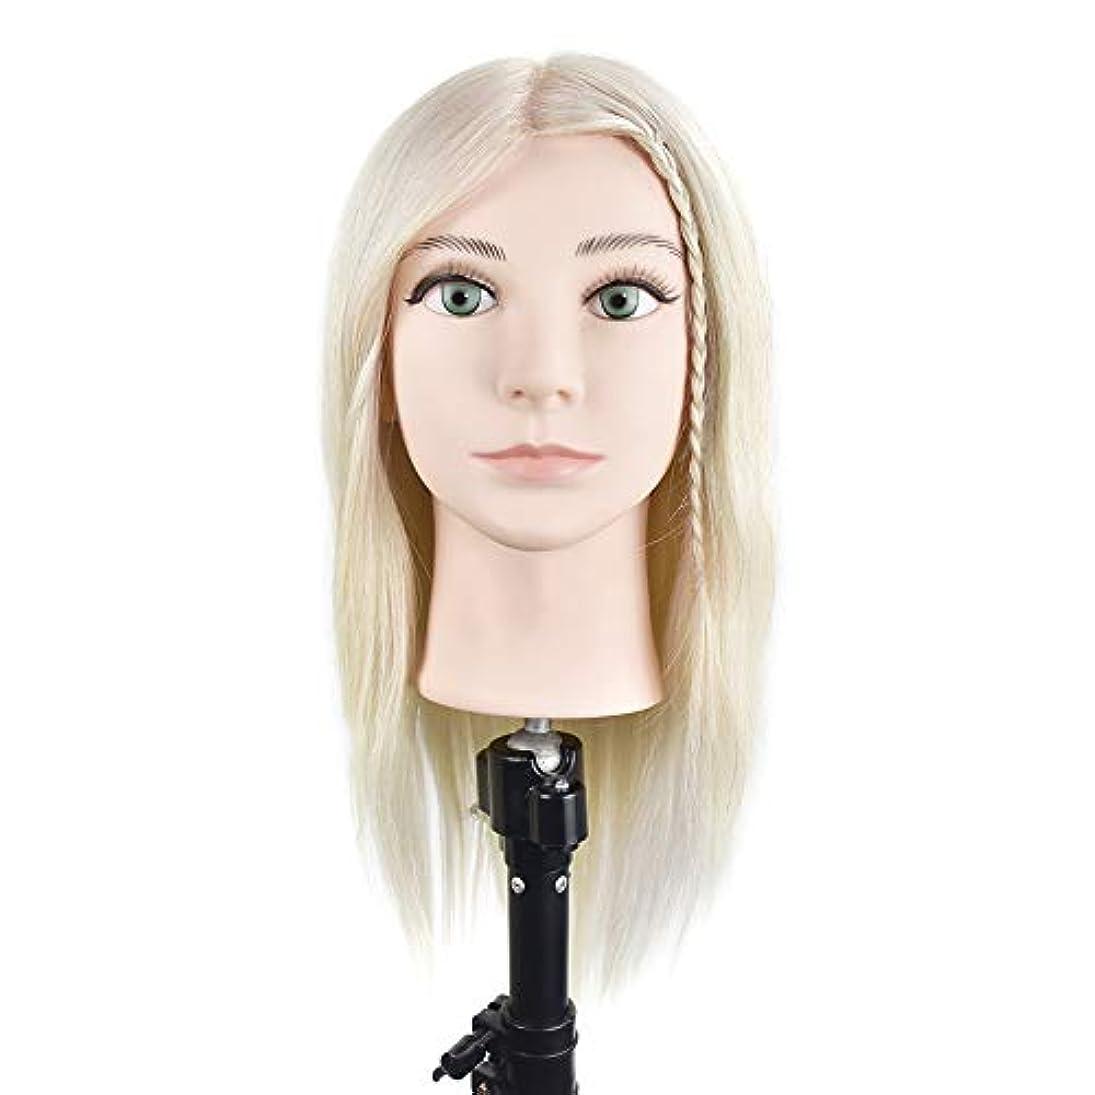 逃れる弱点トラフ専門の練習ホット染色漂白はさみモデリングマネキン髪編組髪かつら女性モデルティーチングヘッド